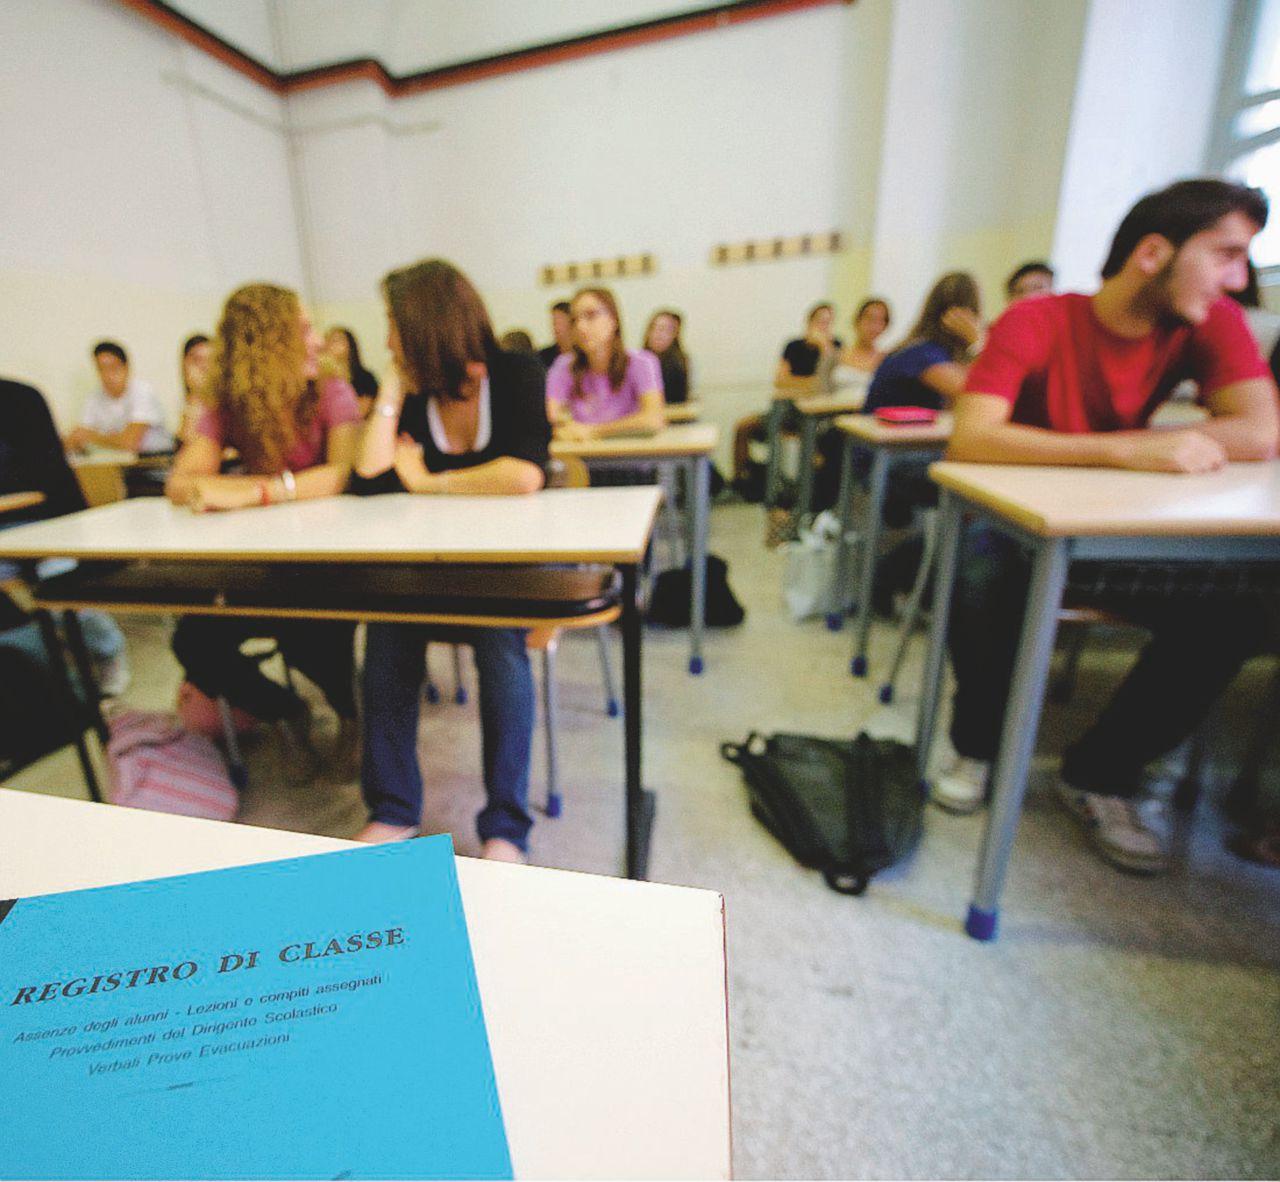 Istruzione, oltre 160 milioni di tagli a scuole e formazione